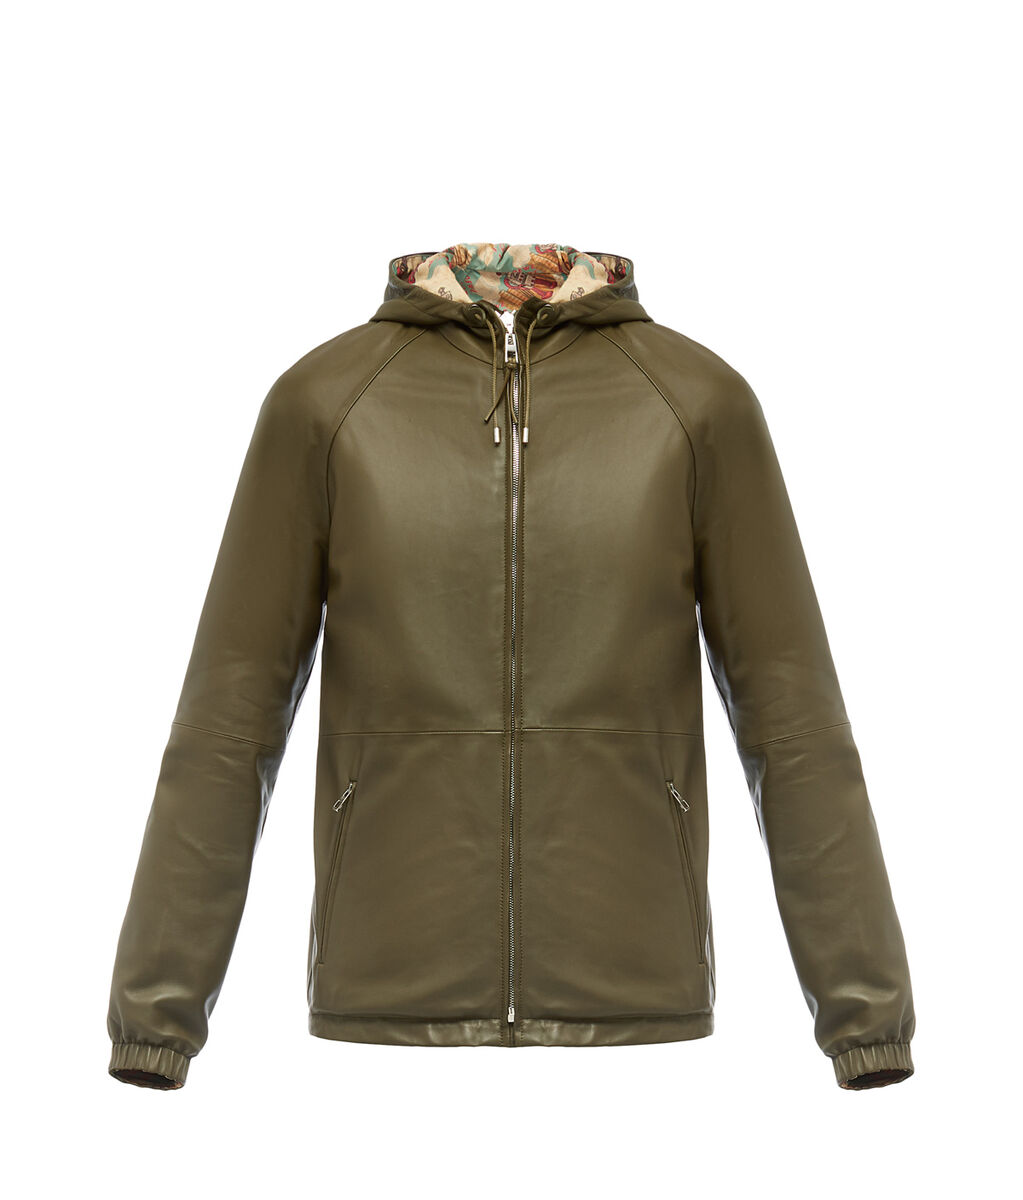 H5198260AV-4430 LOEWE Reversible Anorak Military Green all a2ba0021609